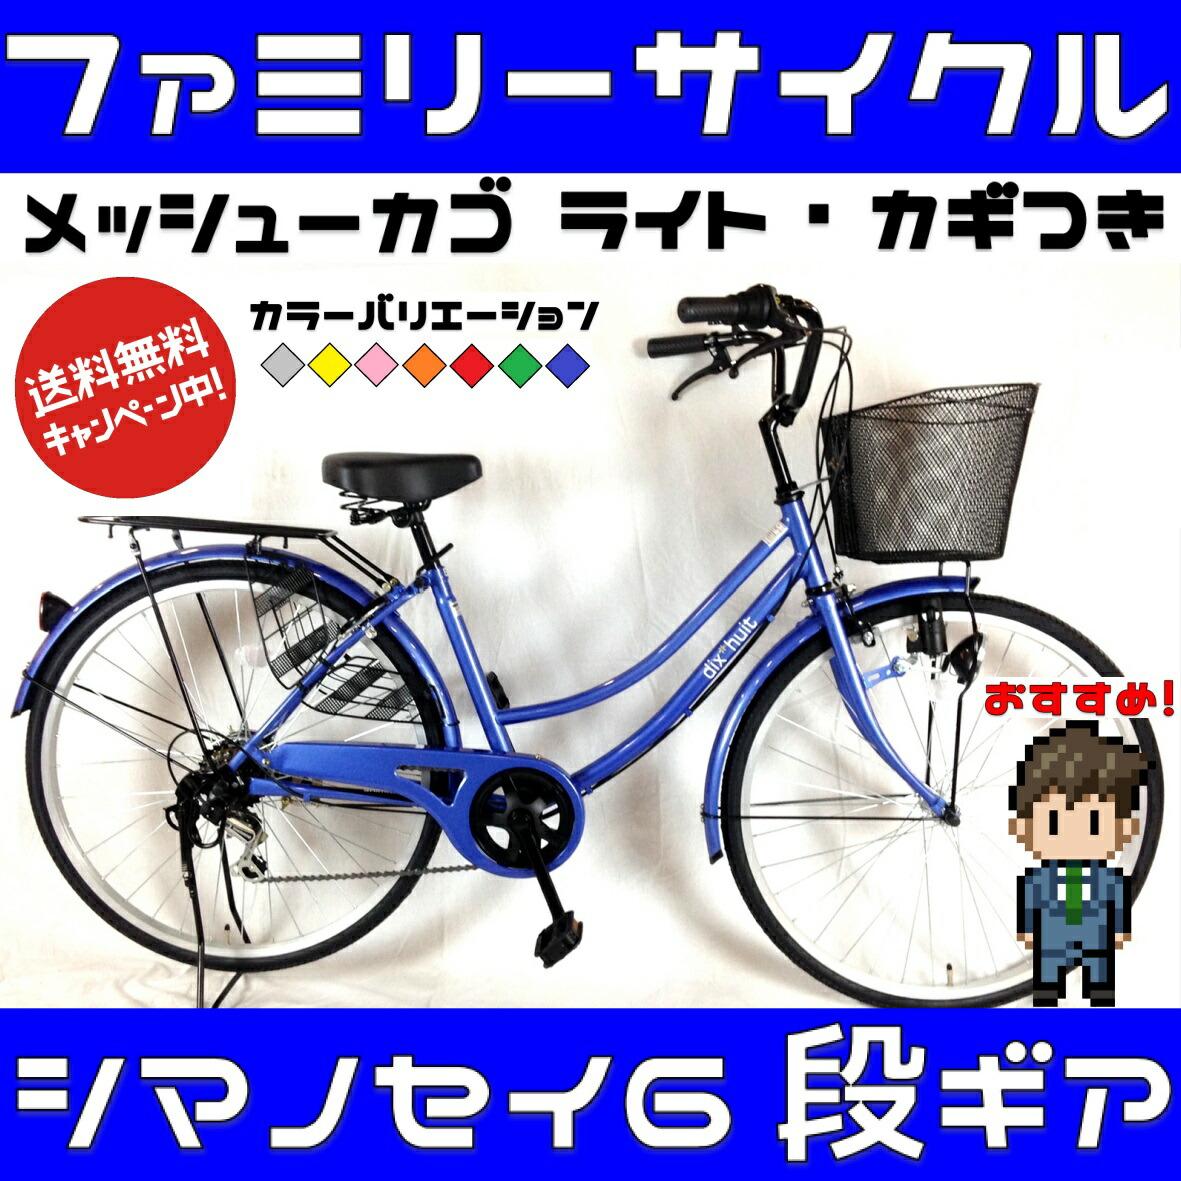 自転車 ママチャリ 軽快車 26インチ 外装6段ギアつき サントラスト SUNTRUST 自転車 ブルー 青色 かわいいママチャリ 自転車 dixhuit ディズウィット 激安 6段変速ギア 女の子 カゴ カギ つき 通学